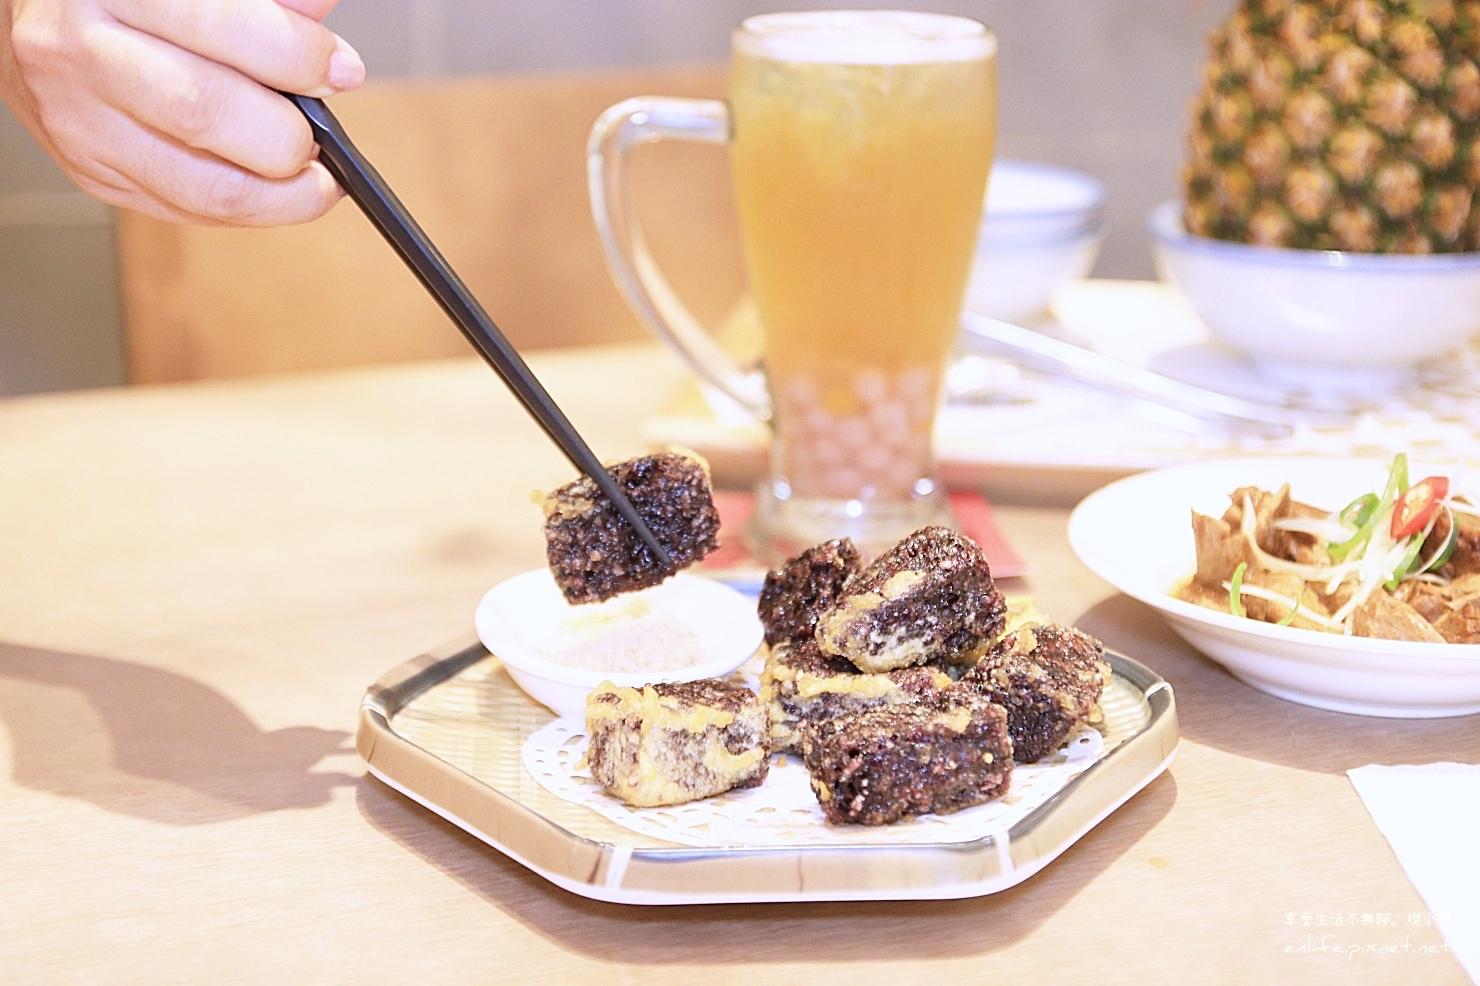 台中美食有春茶館—麵茶甜紫米糕